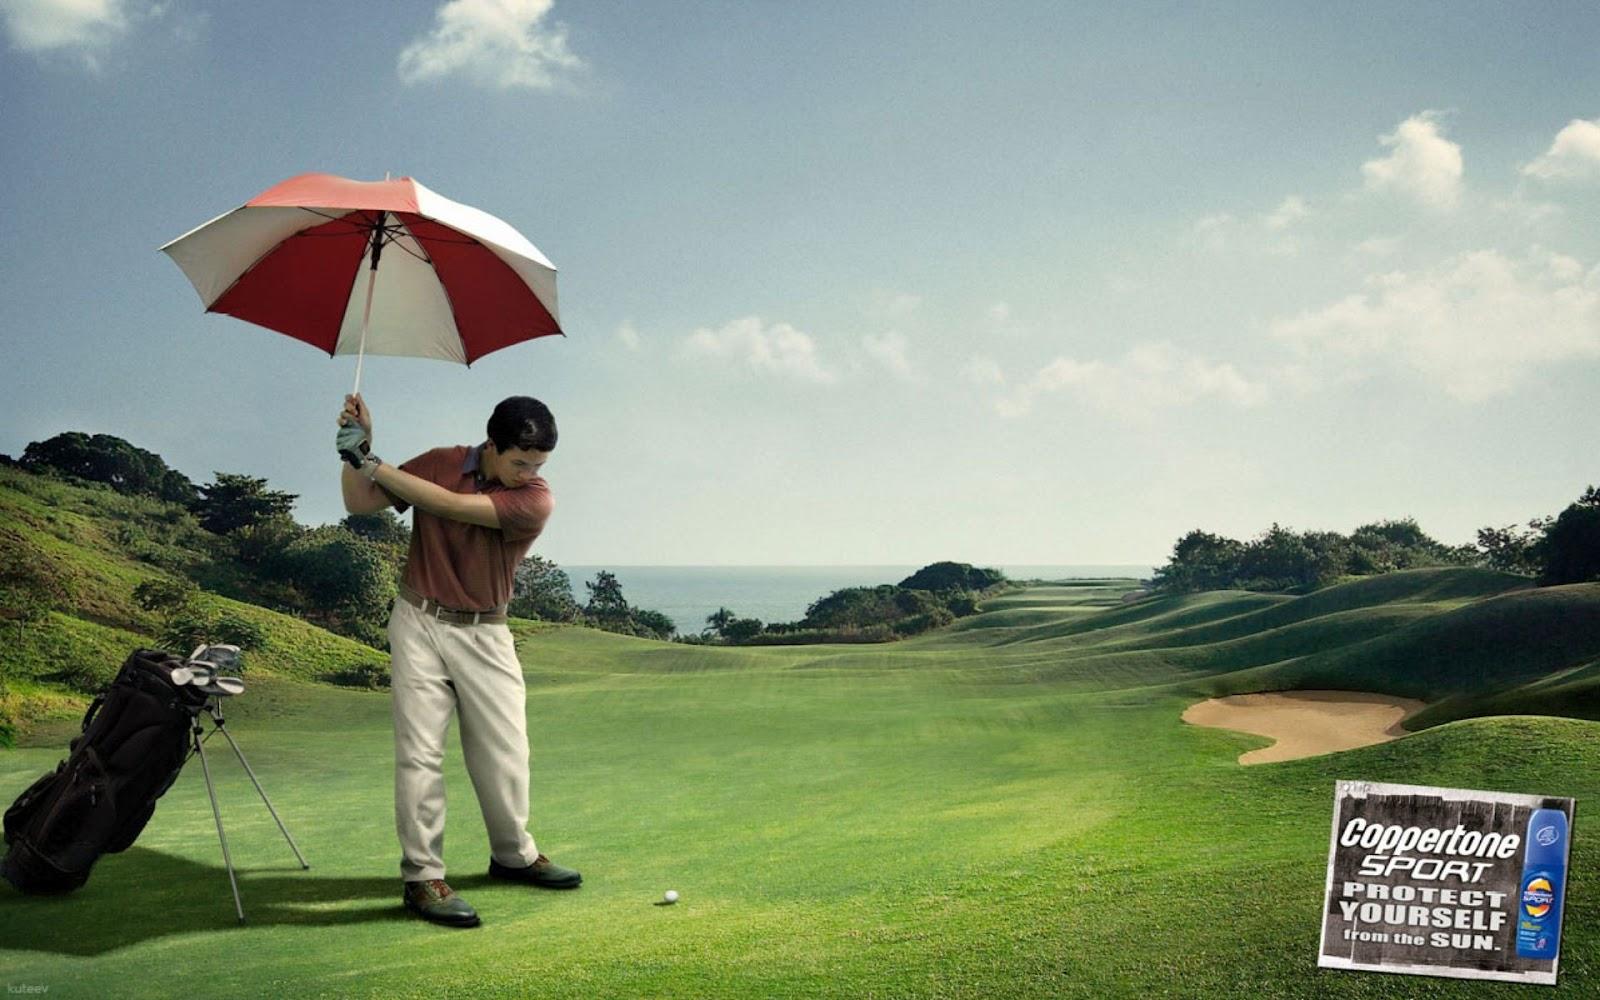 http://2.bp.blogspot.com/-H_dM-Habcn4/UCYuUeTDoDI/AAAAAAAAMJ0/Vkn83DpwLeU/s1600/golf-ad.jpg